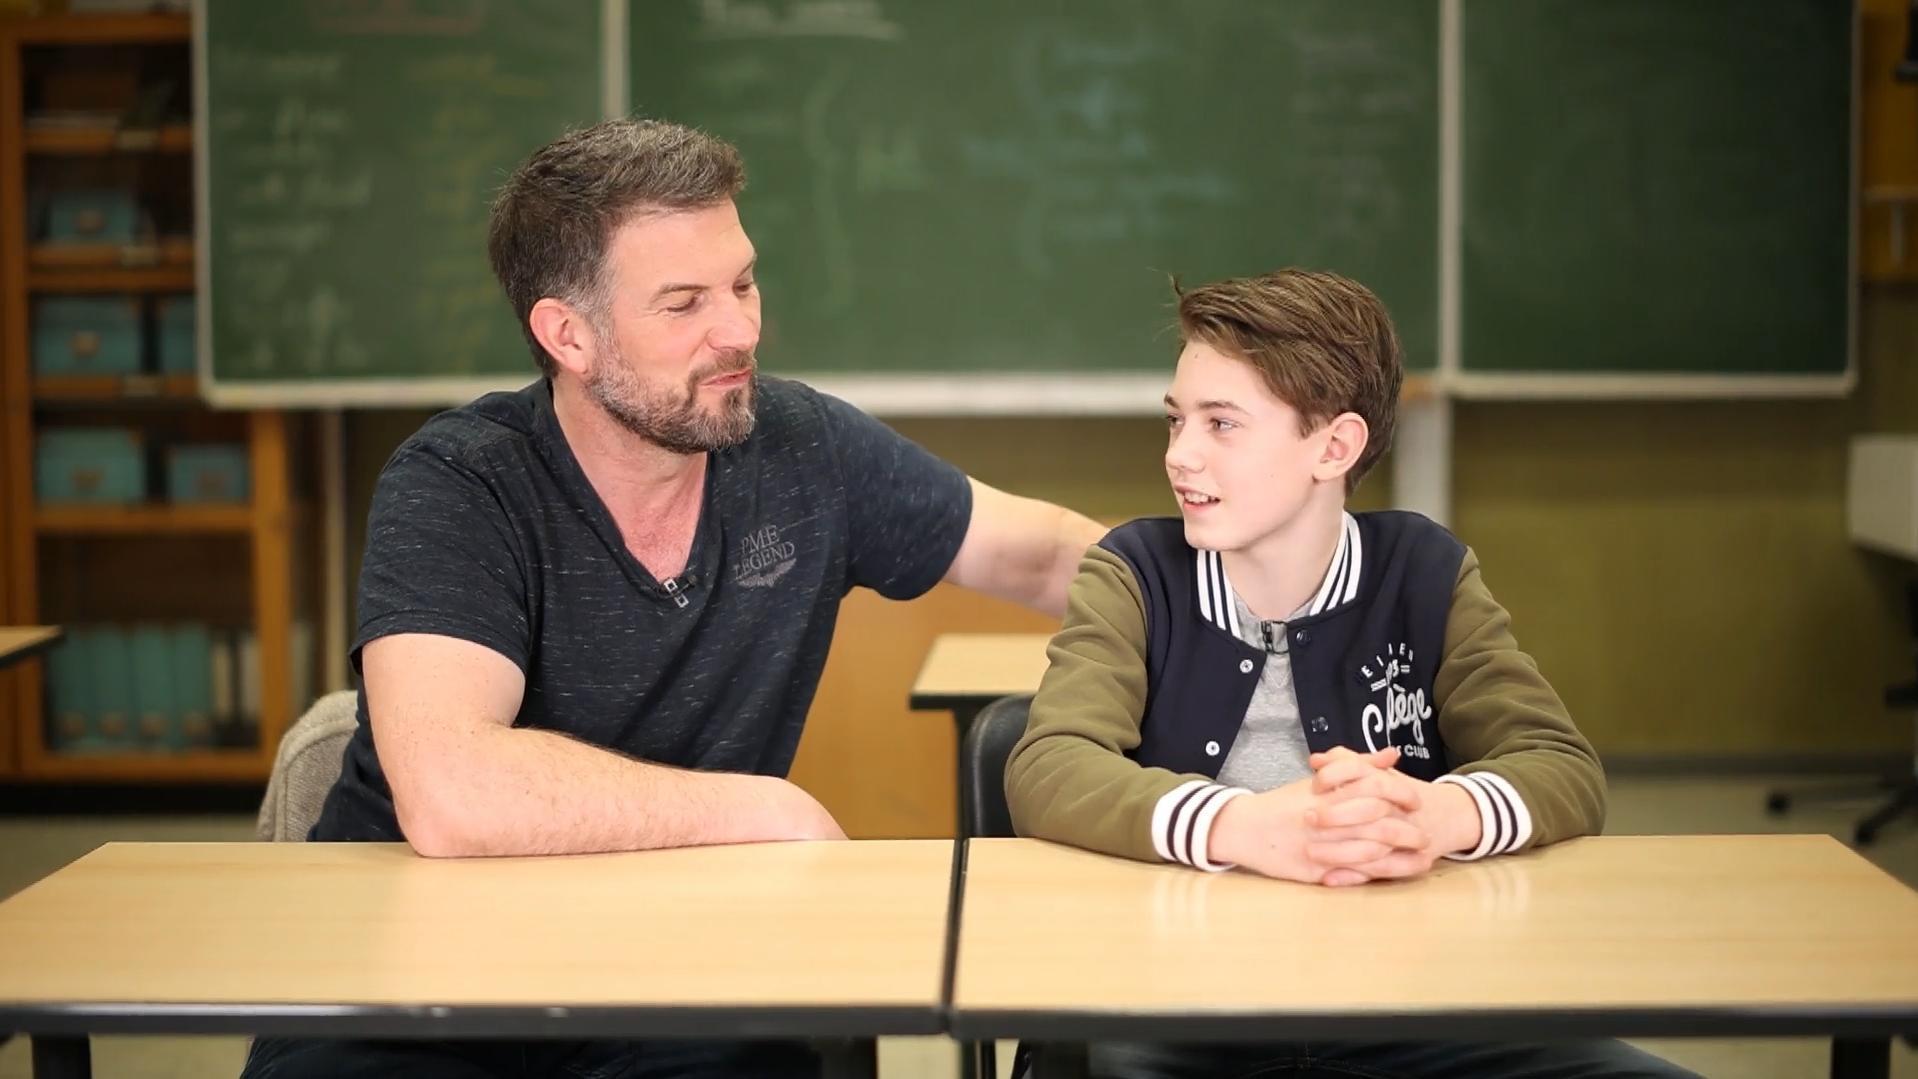 Ebenholz-Lehrer hilft Student